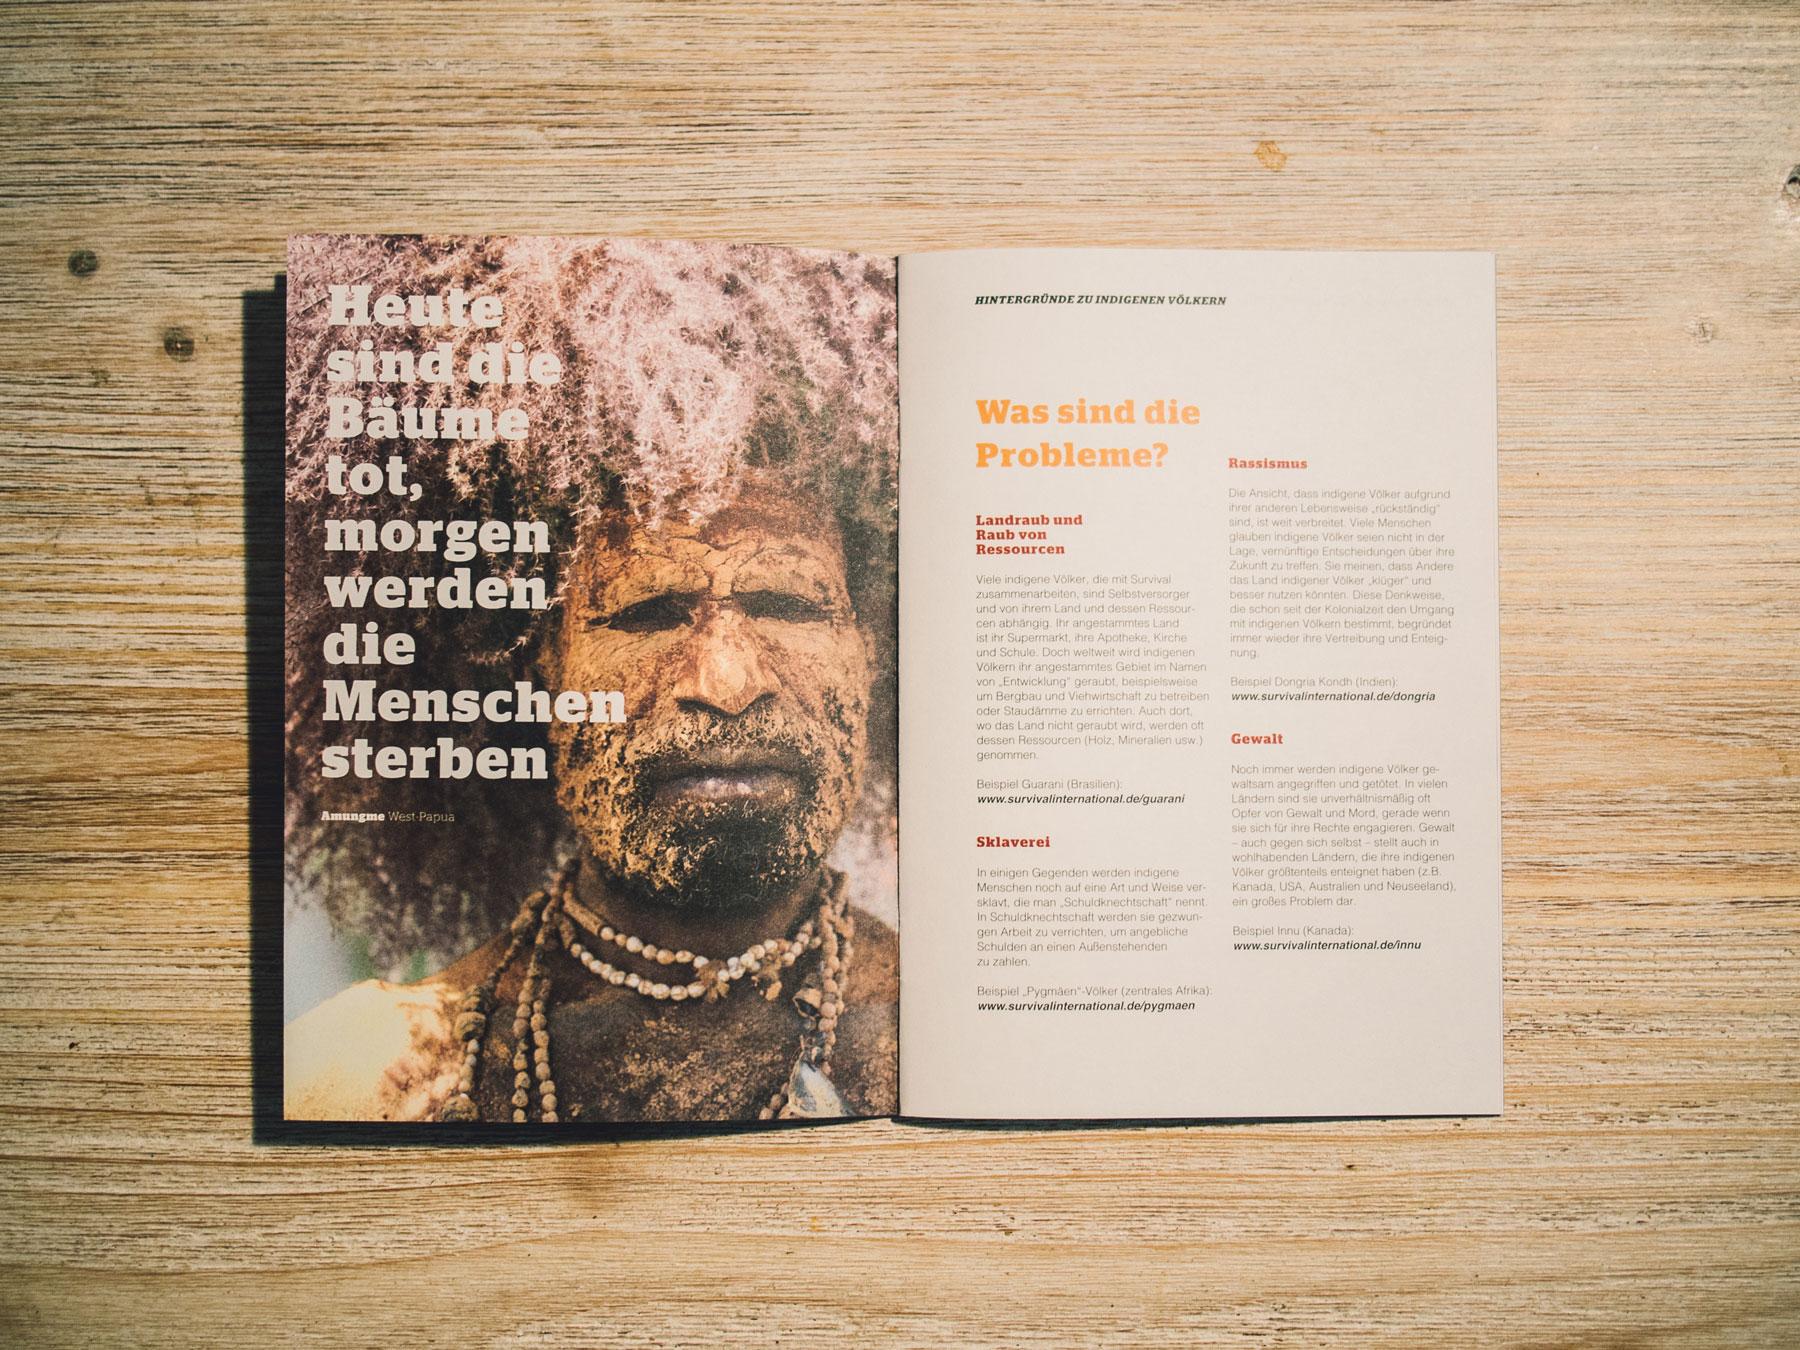 Abbildung der Seiten 3 und 4 des Handbuchs